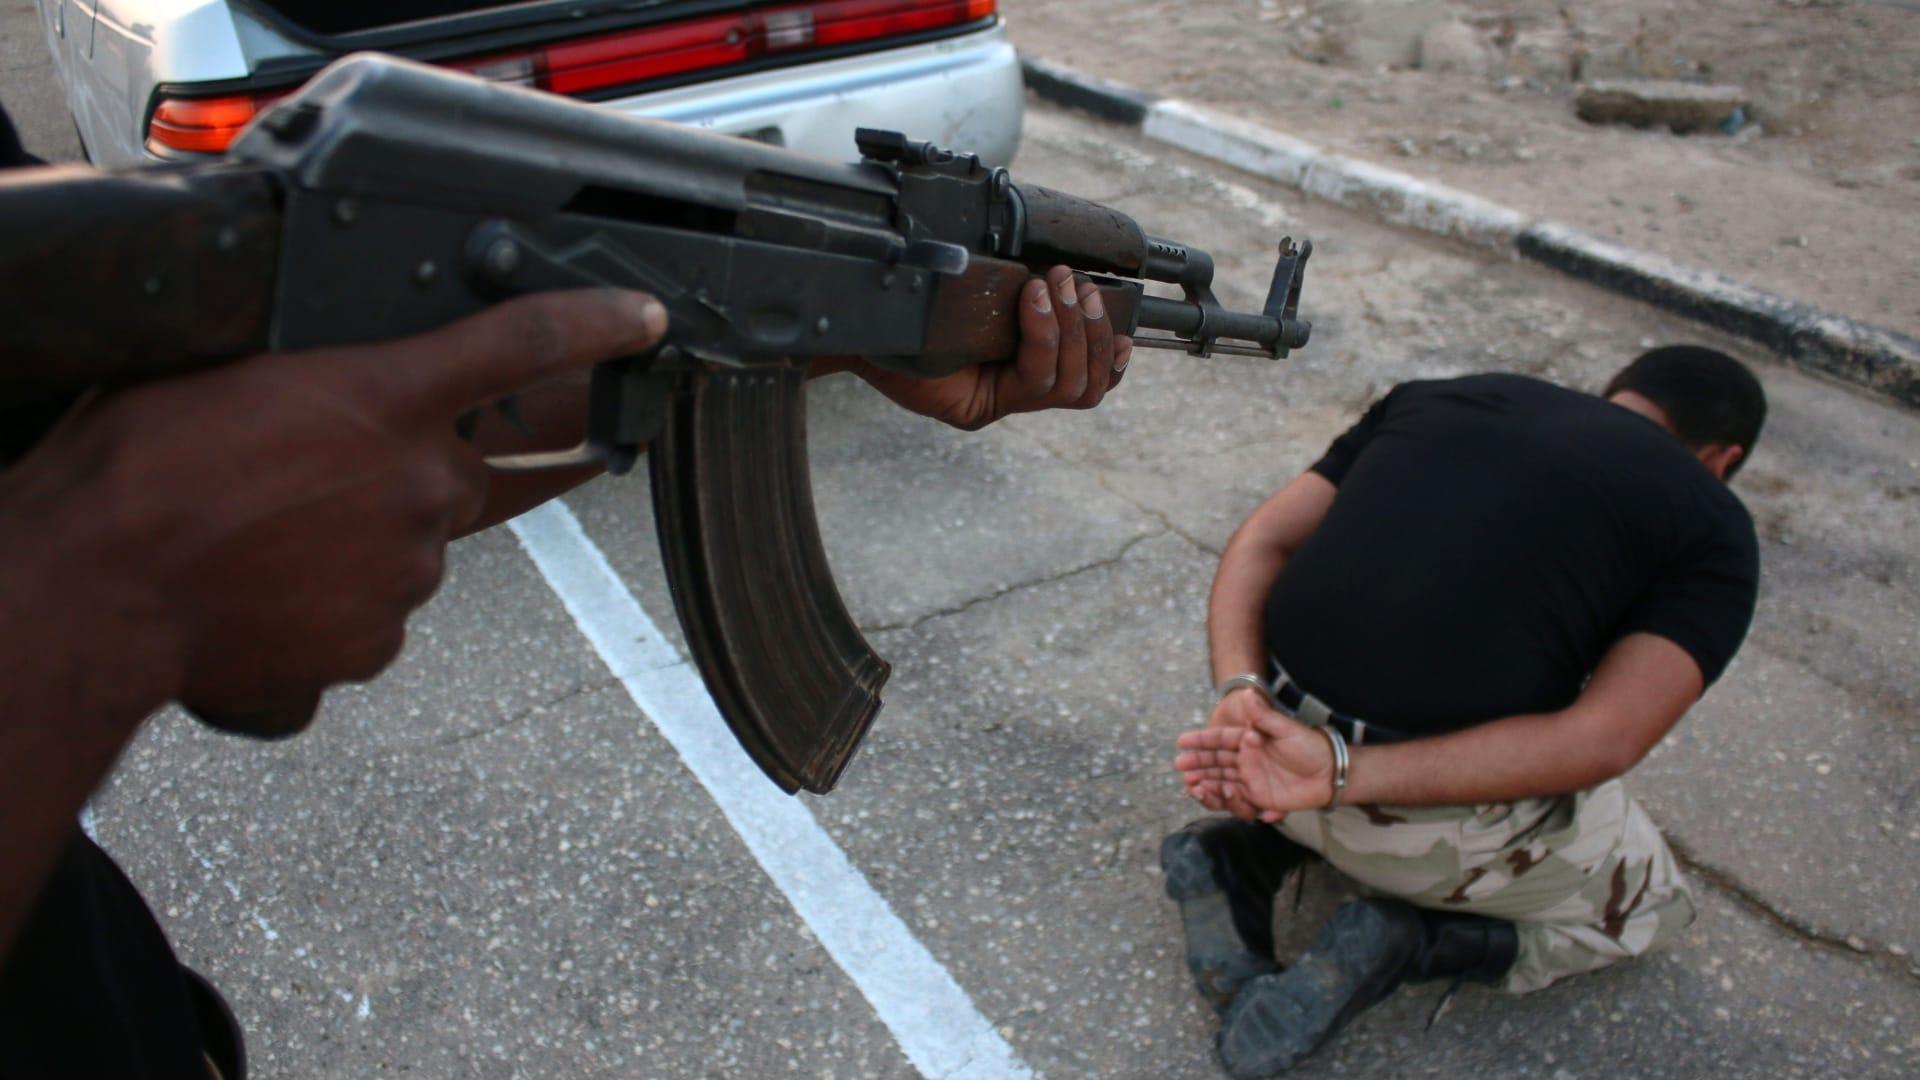 البصرة، العراق-- مقاتل من فوج جديد يستعرض المهارات التي تلقاها في التدريب 9 سبتمبر/ أيلول 2014